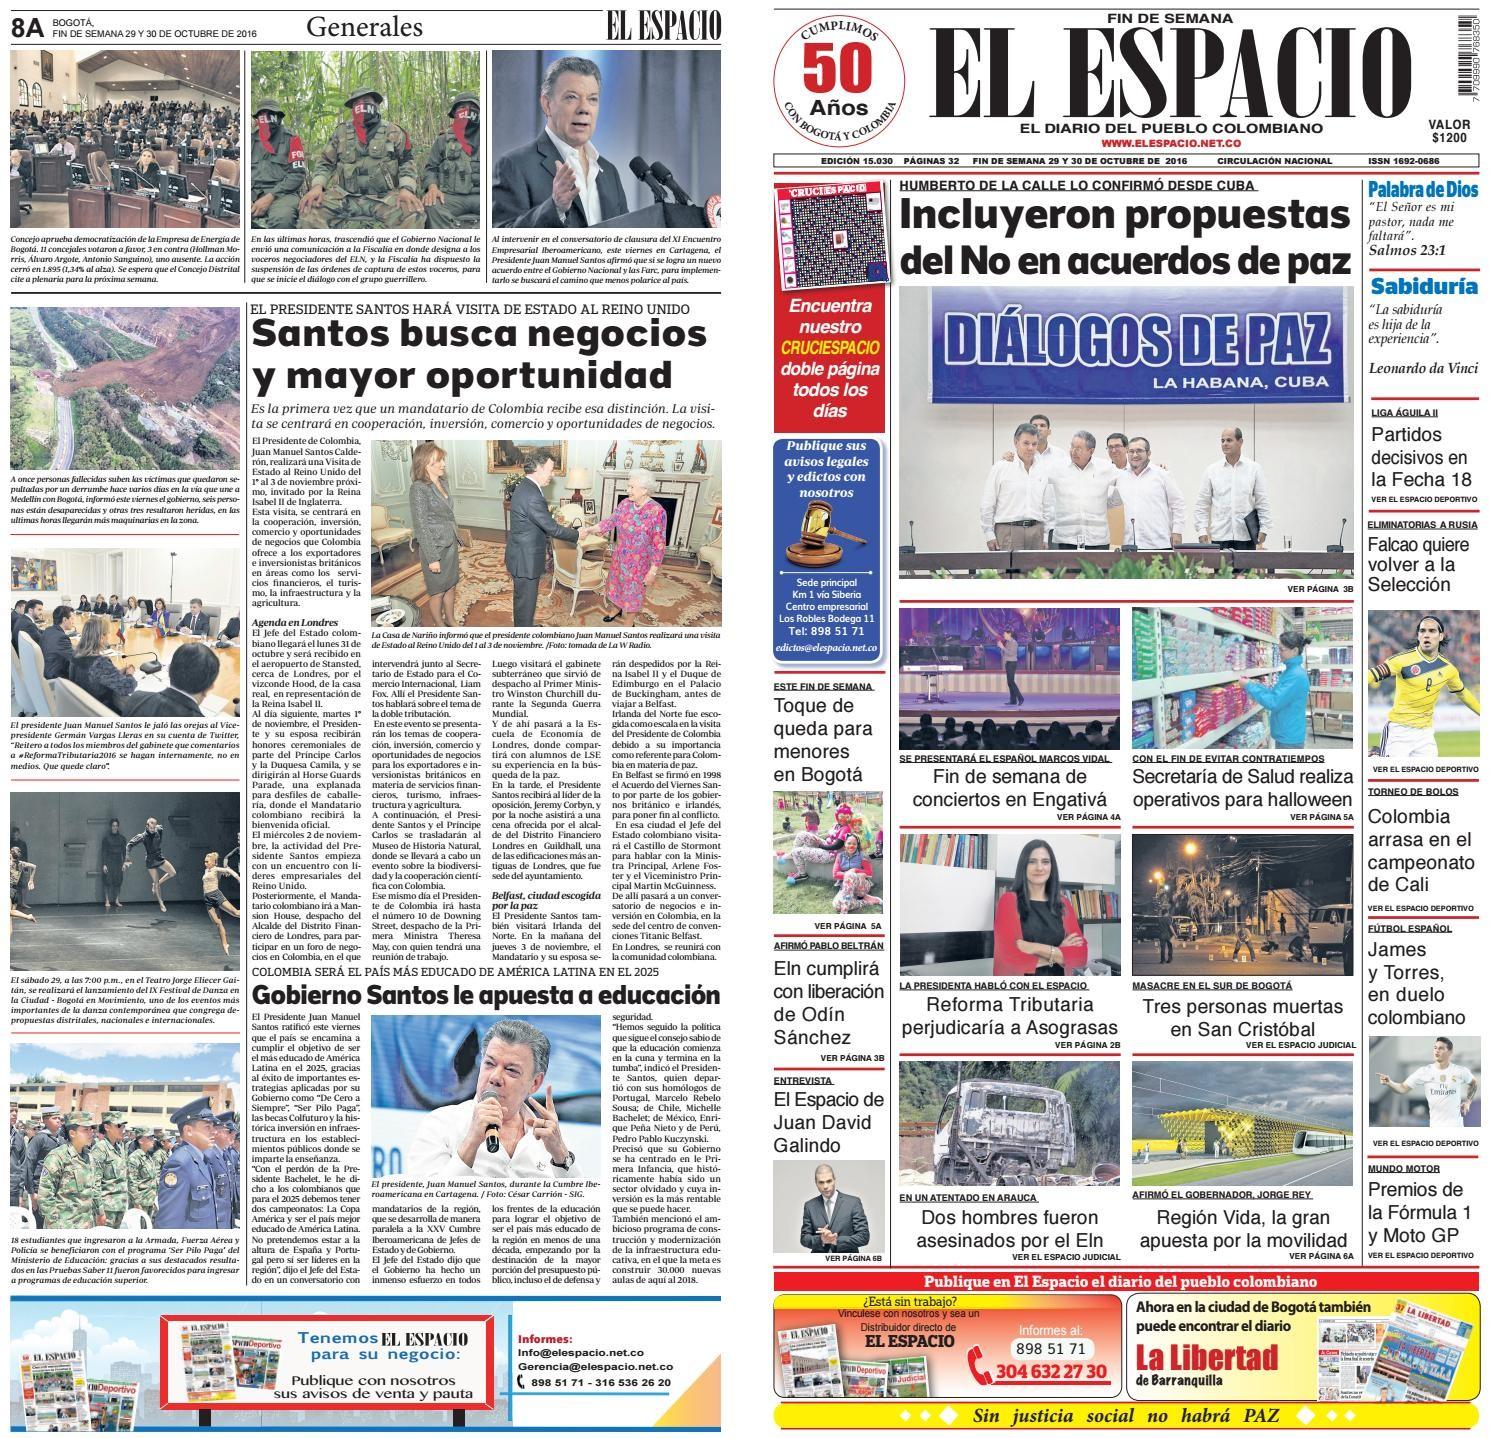 Calendario De Carnavales 2019 En Panama Más Caliente Diario El Espacio by Diario El Espacio issuu Of Calendario De Carnavales 2019 En Panama Recientes Universidad Nacional De San Antonio Abad Del Cusco Pdf